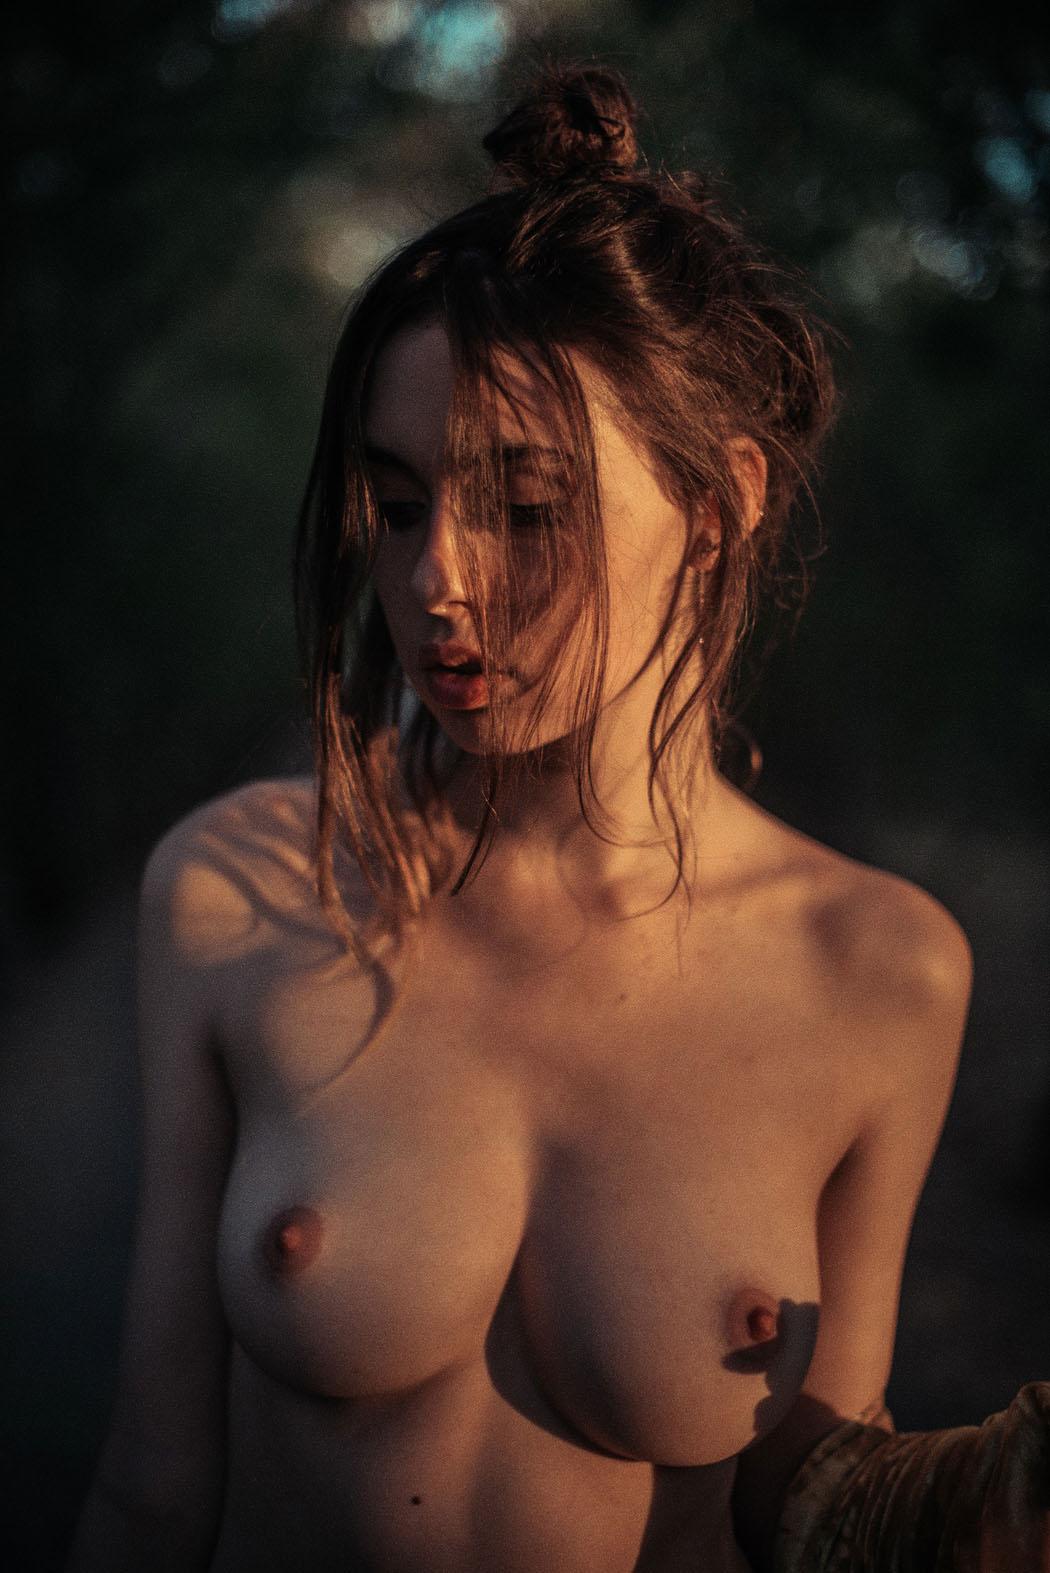 Big boobs nipples